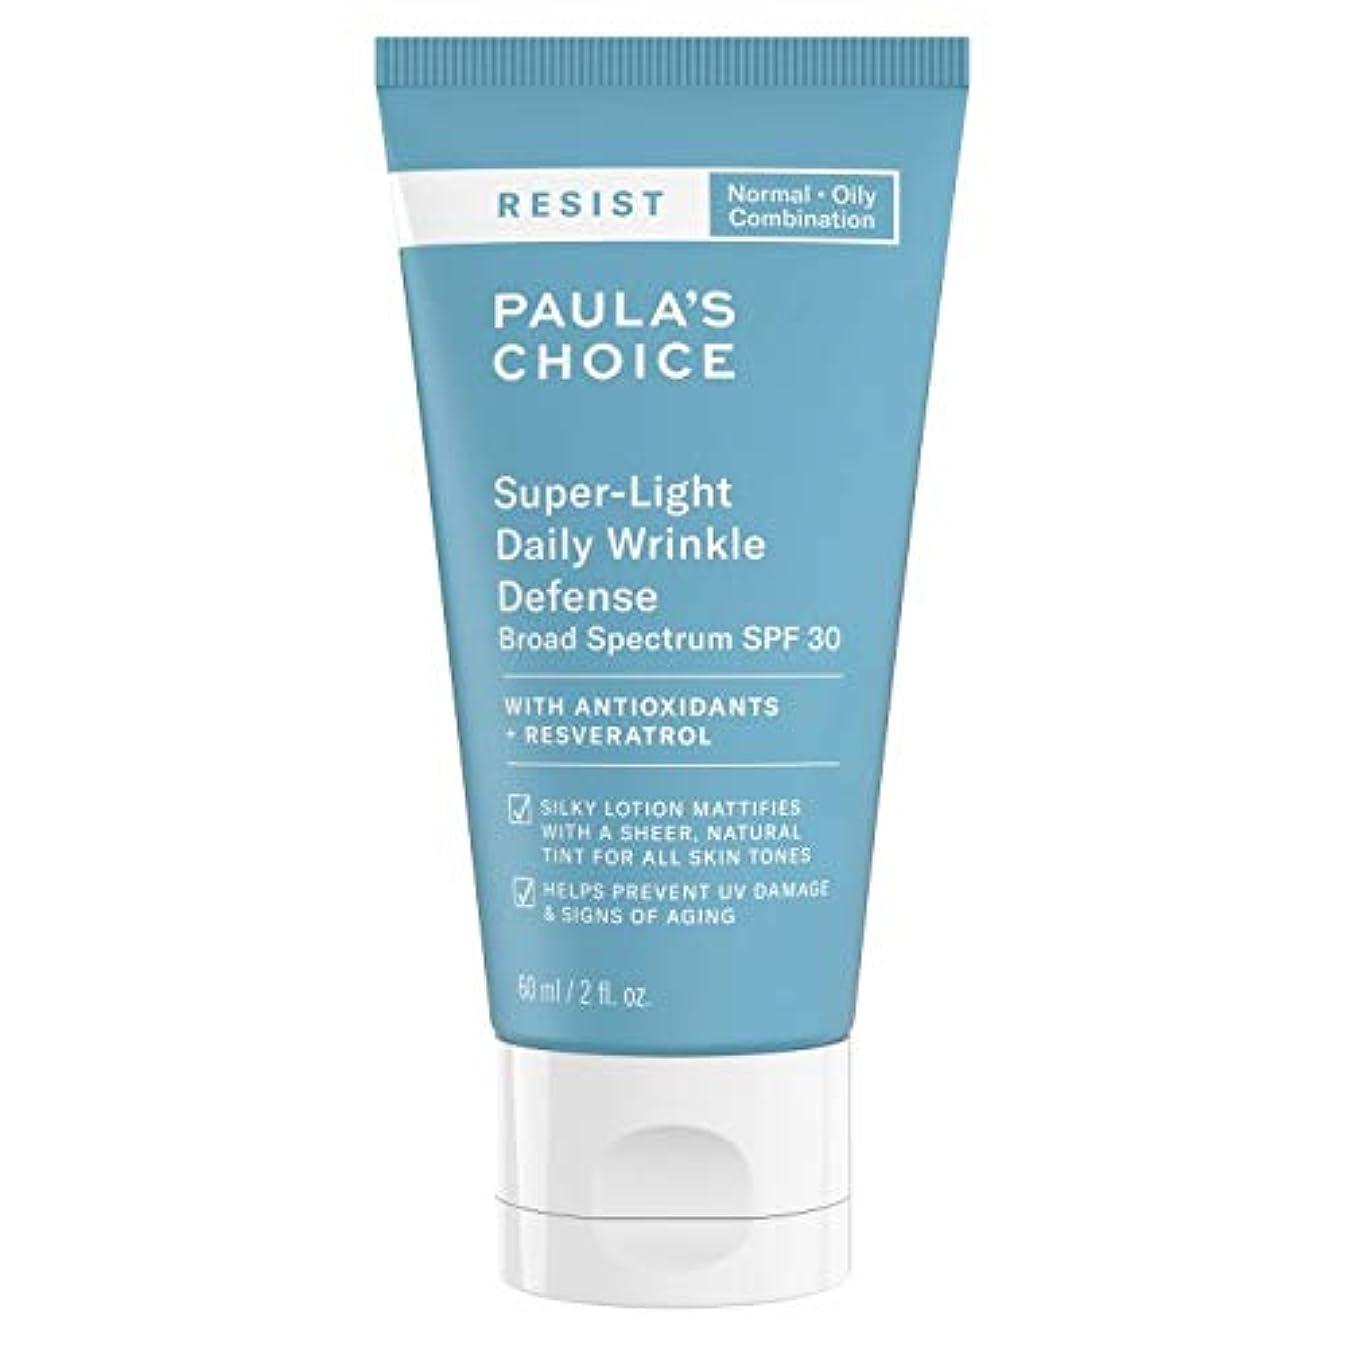 病気だと思う維持する女将ポーラチョイス レジスト スーパーライト 毎日のしわの防衛 サンスクリーン (60ml) SPF30 / Paula's Choice Resist Super-Light Daily Wrinkle Defense Sunscreen